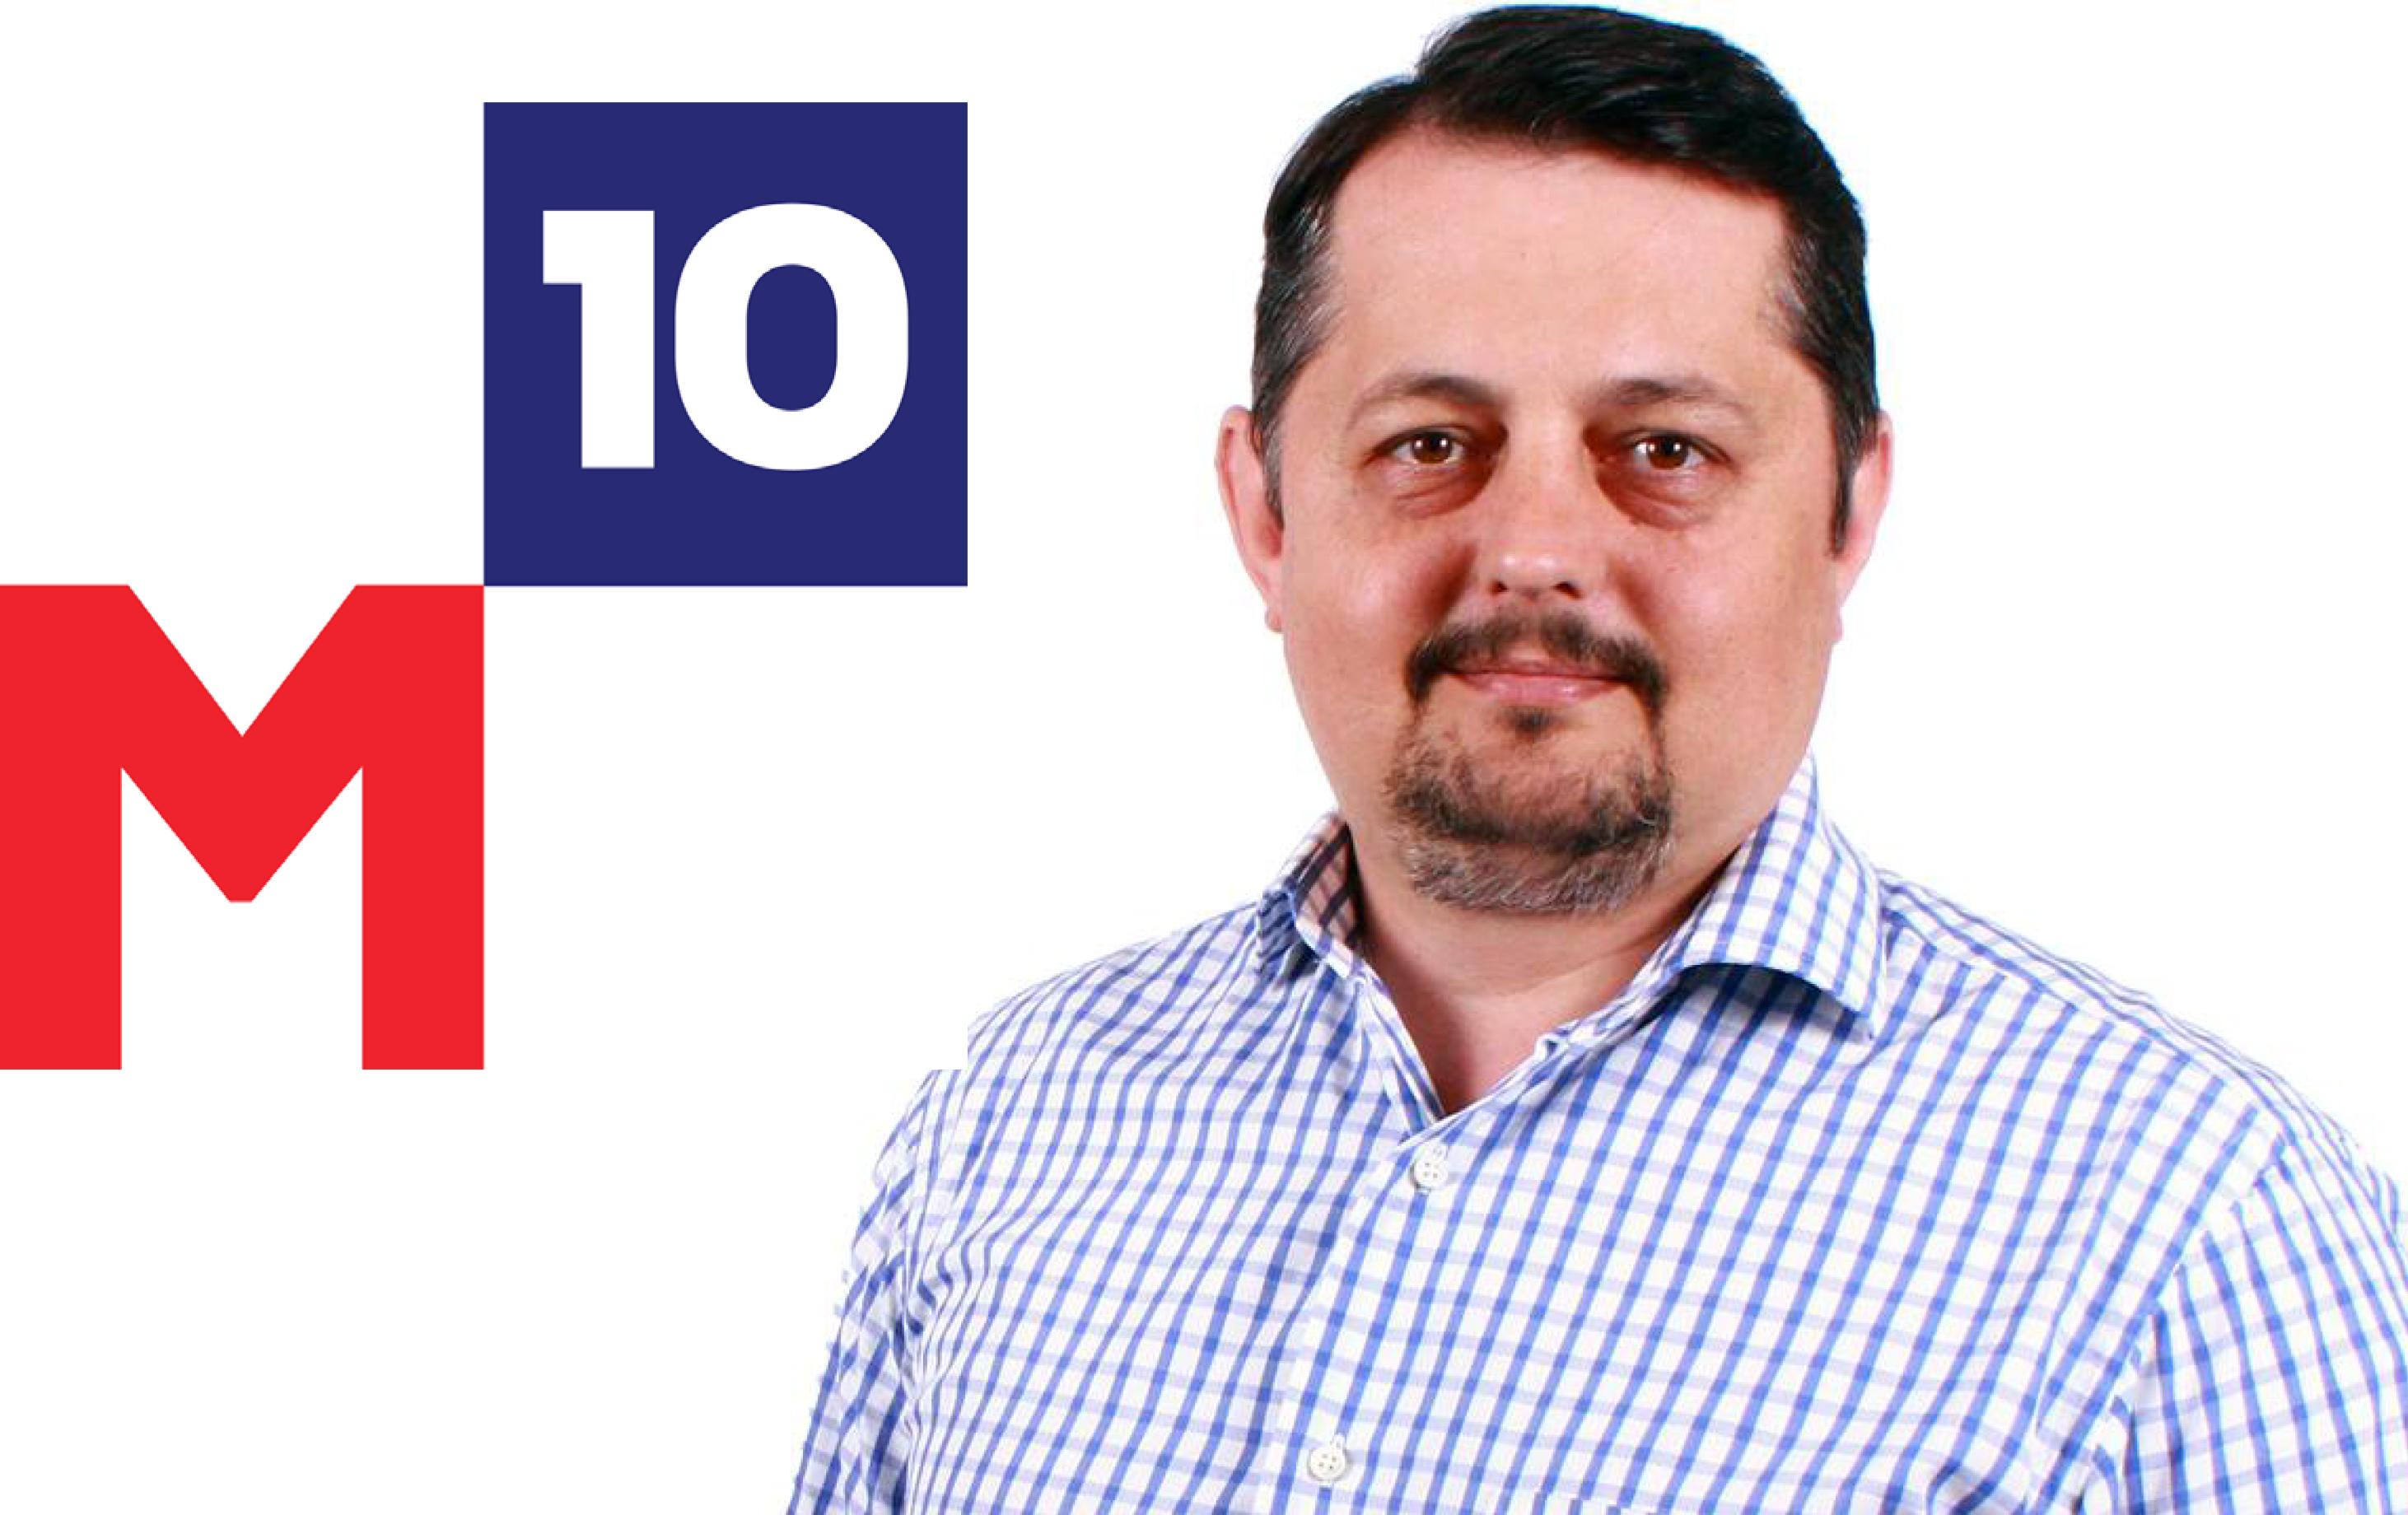 Confesiunea unui candidat la Primăria Baia Mare